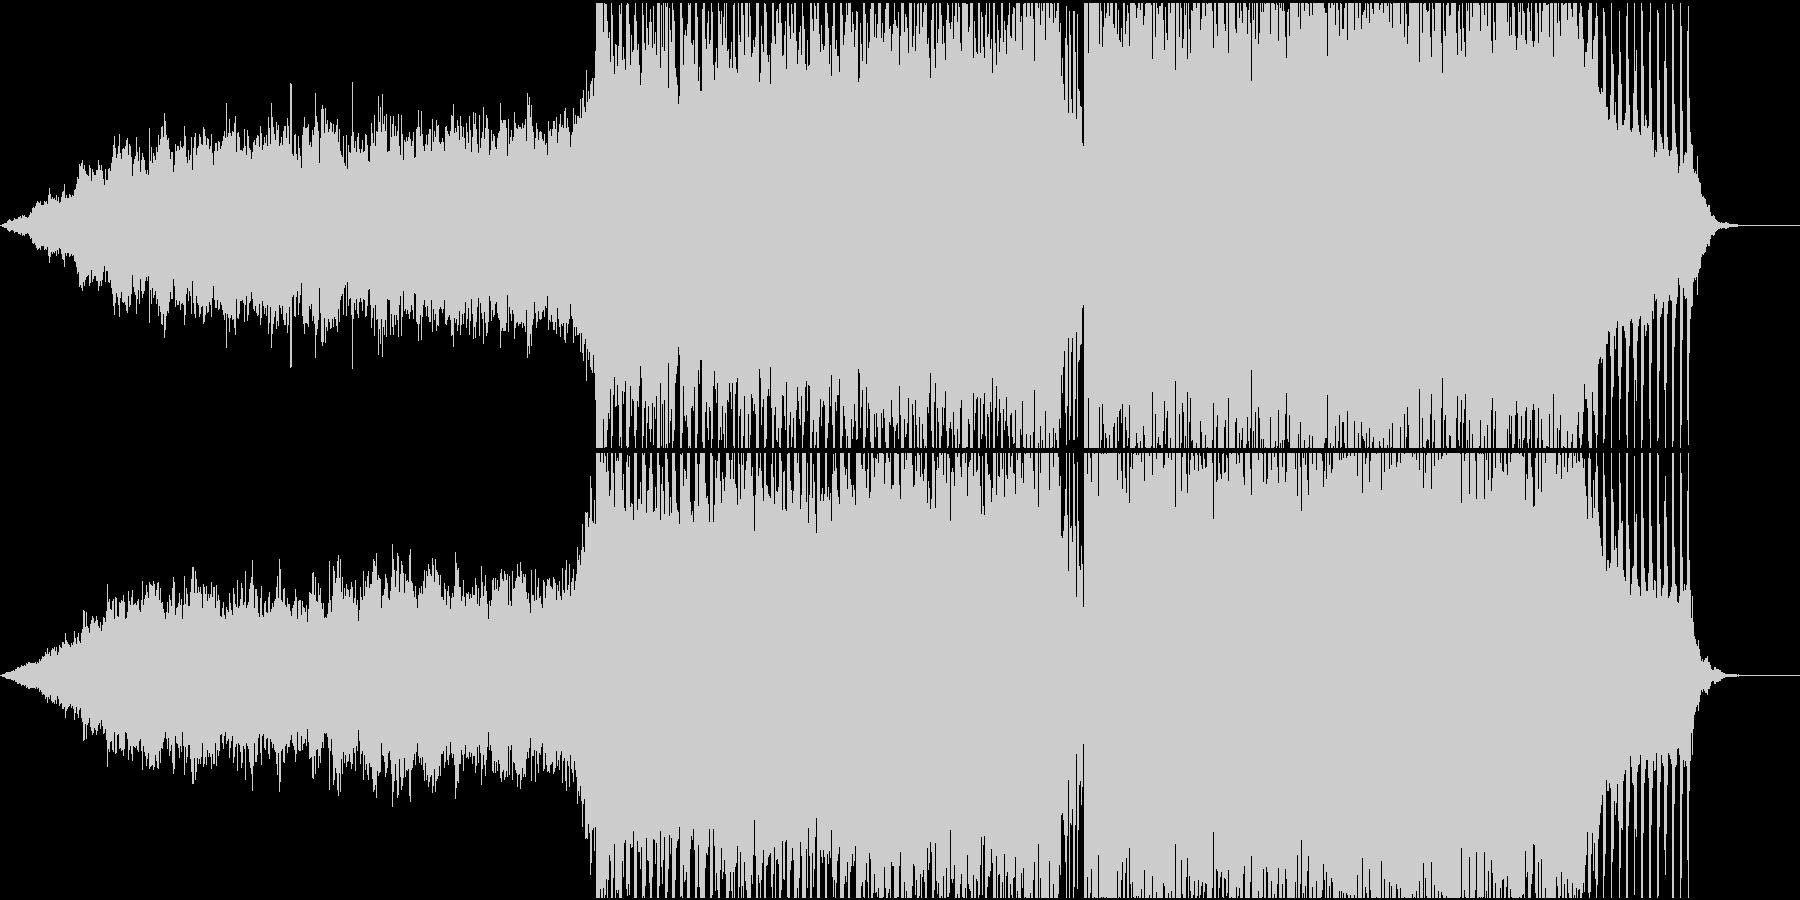 疾走感のあるバンドサウンドの未再生の波形